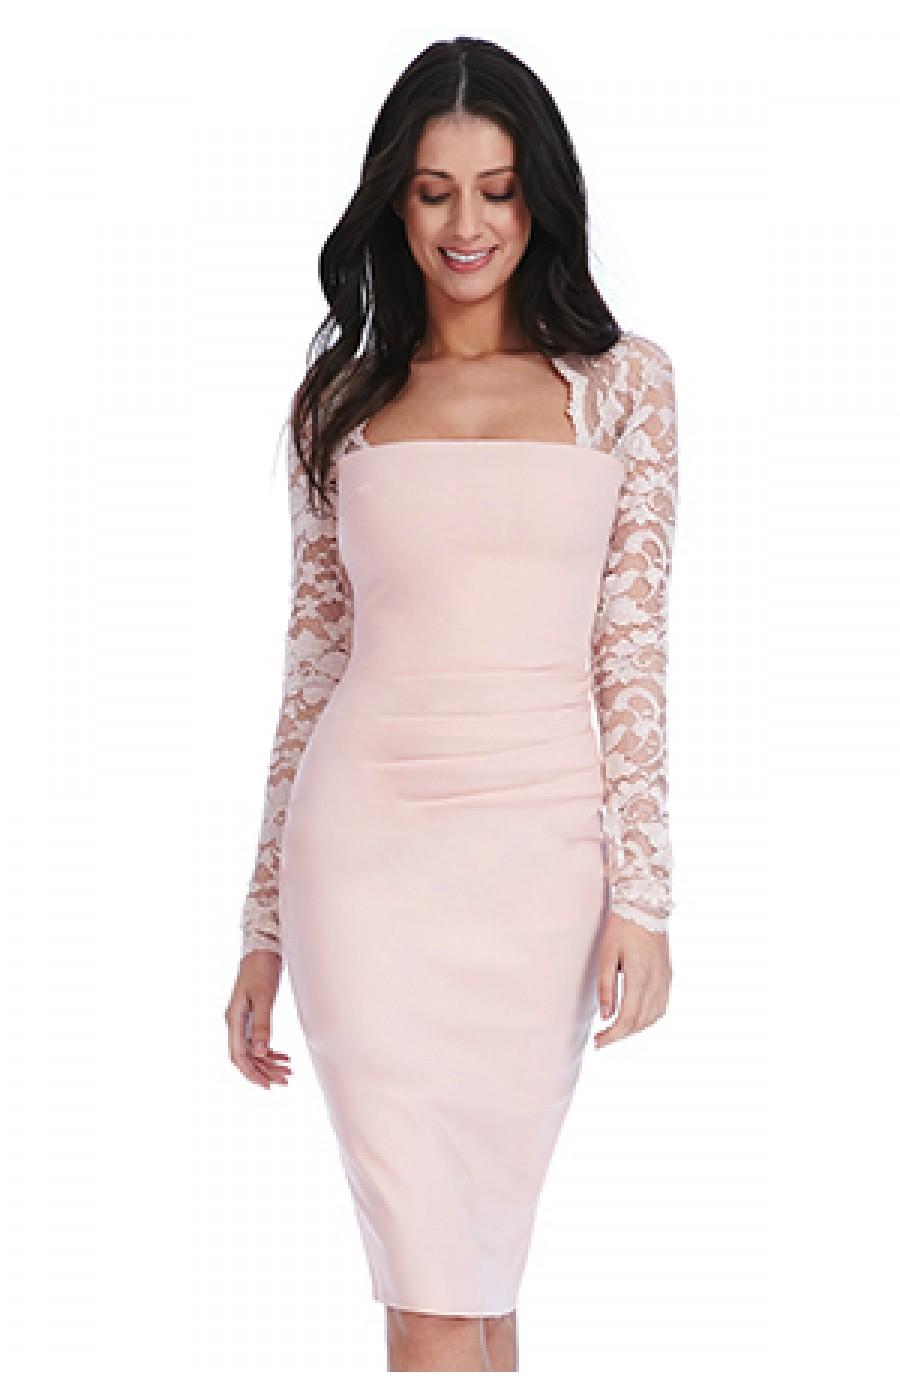 Μπεζ μίντι φόρεμα με δαντελένια μανίκια